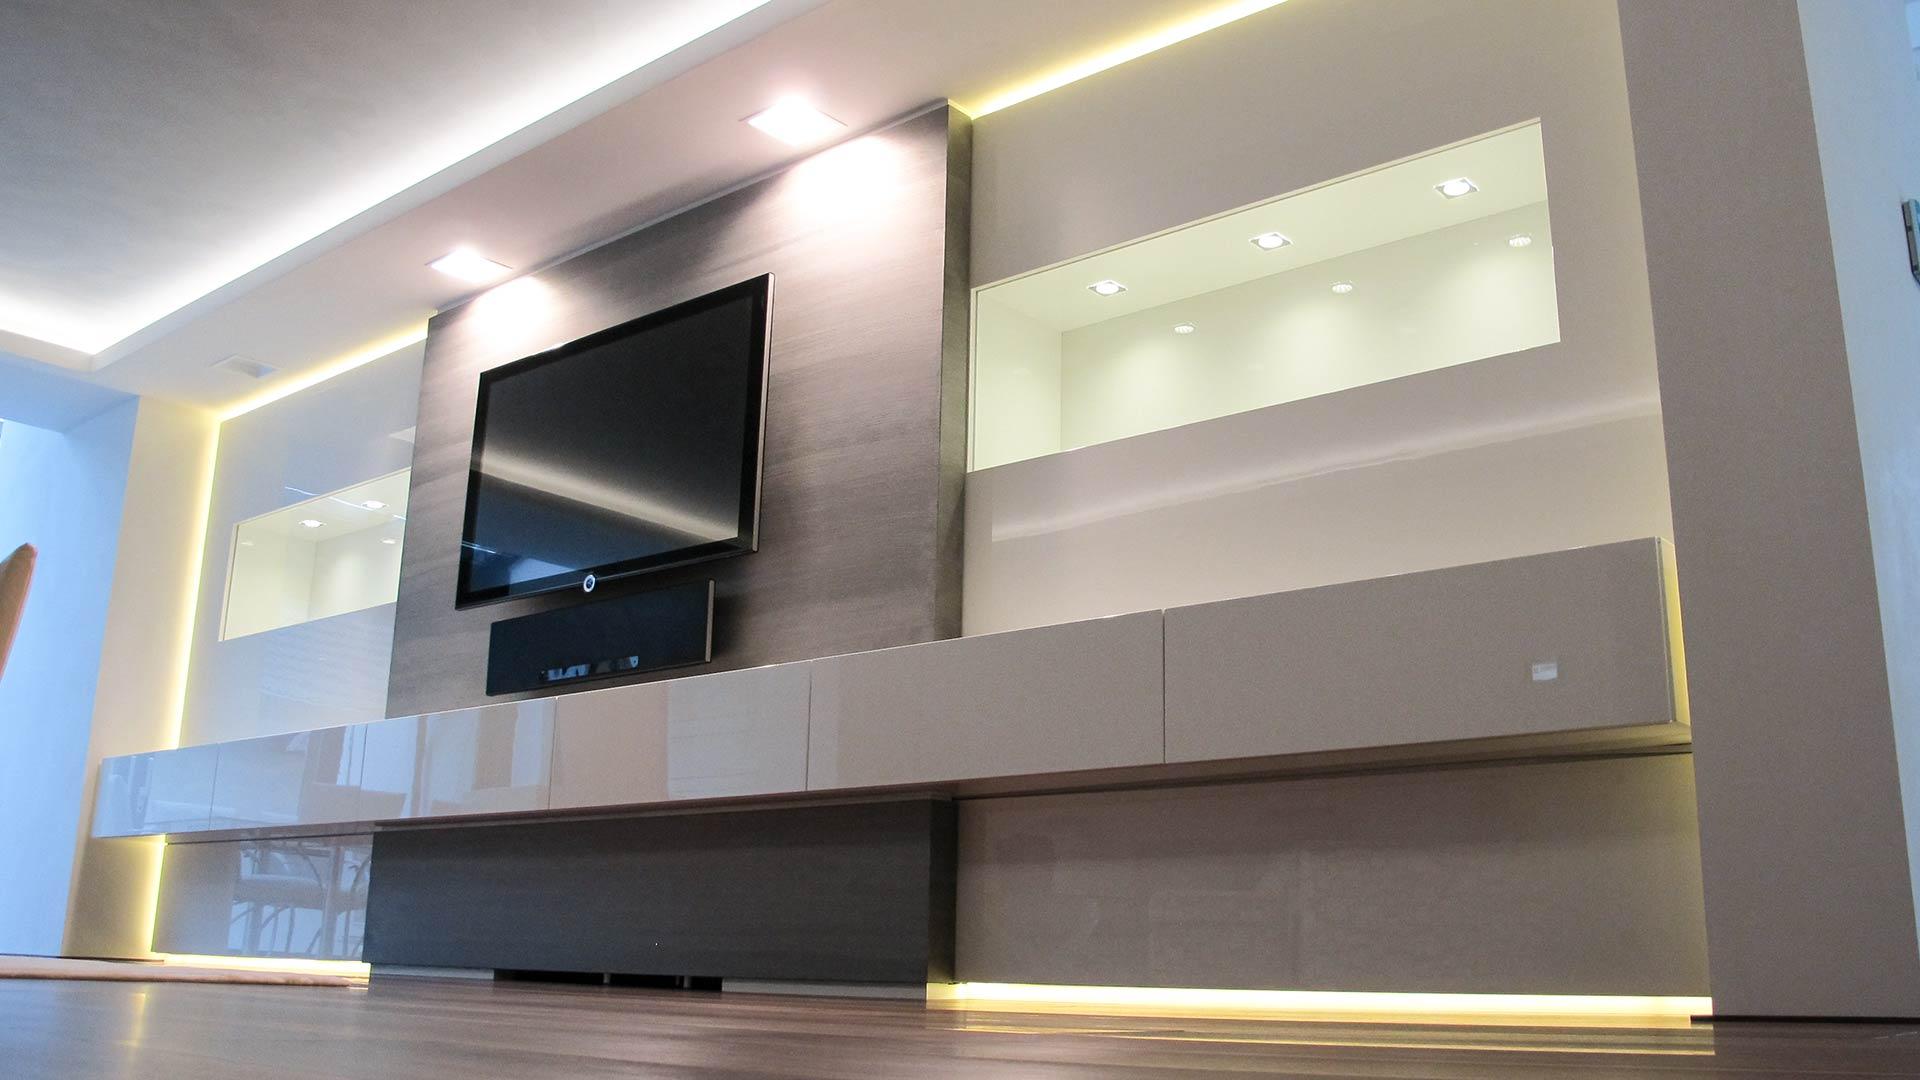 Mediamöbel mit indirekter Beleuchtung fungiert als Raumteiler